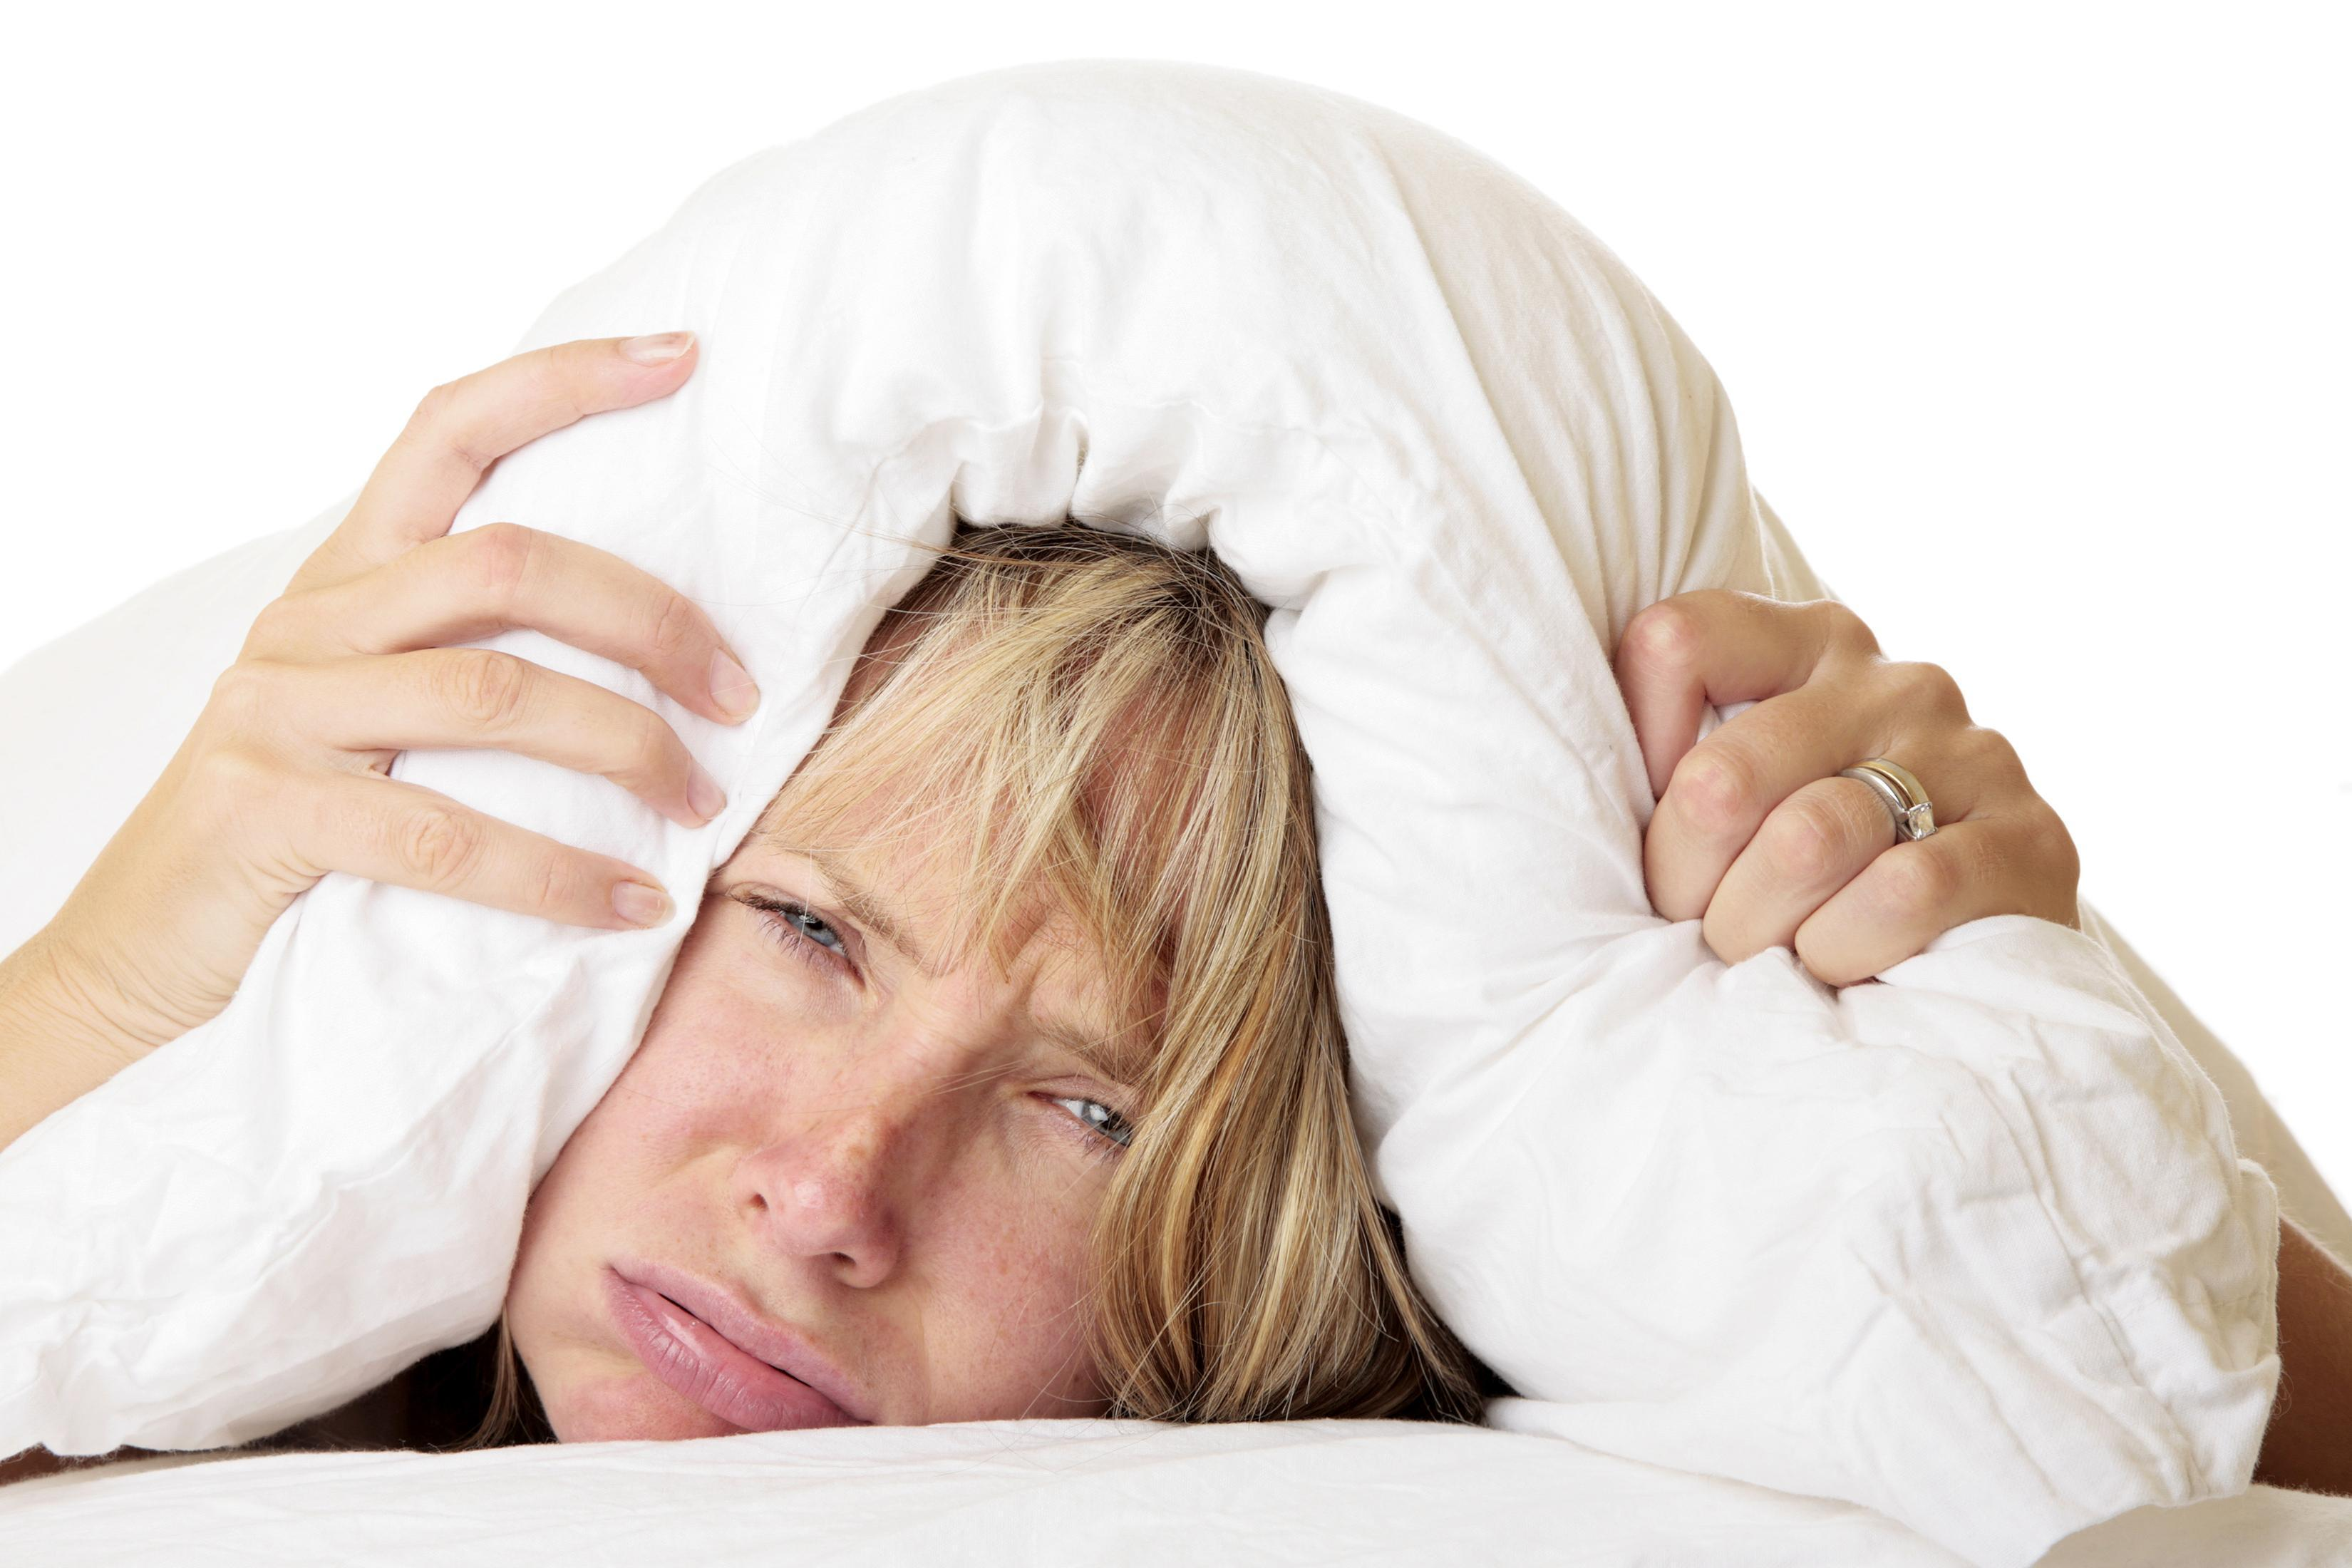 Mononucleose – Remédio Caseiro Para Mononucleose (Doença do Beijo, Febre Glandular)